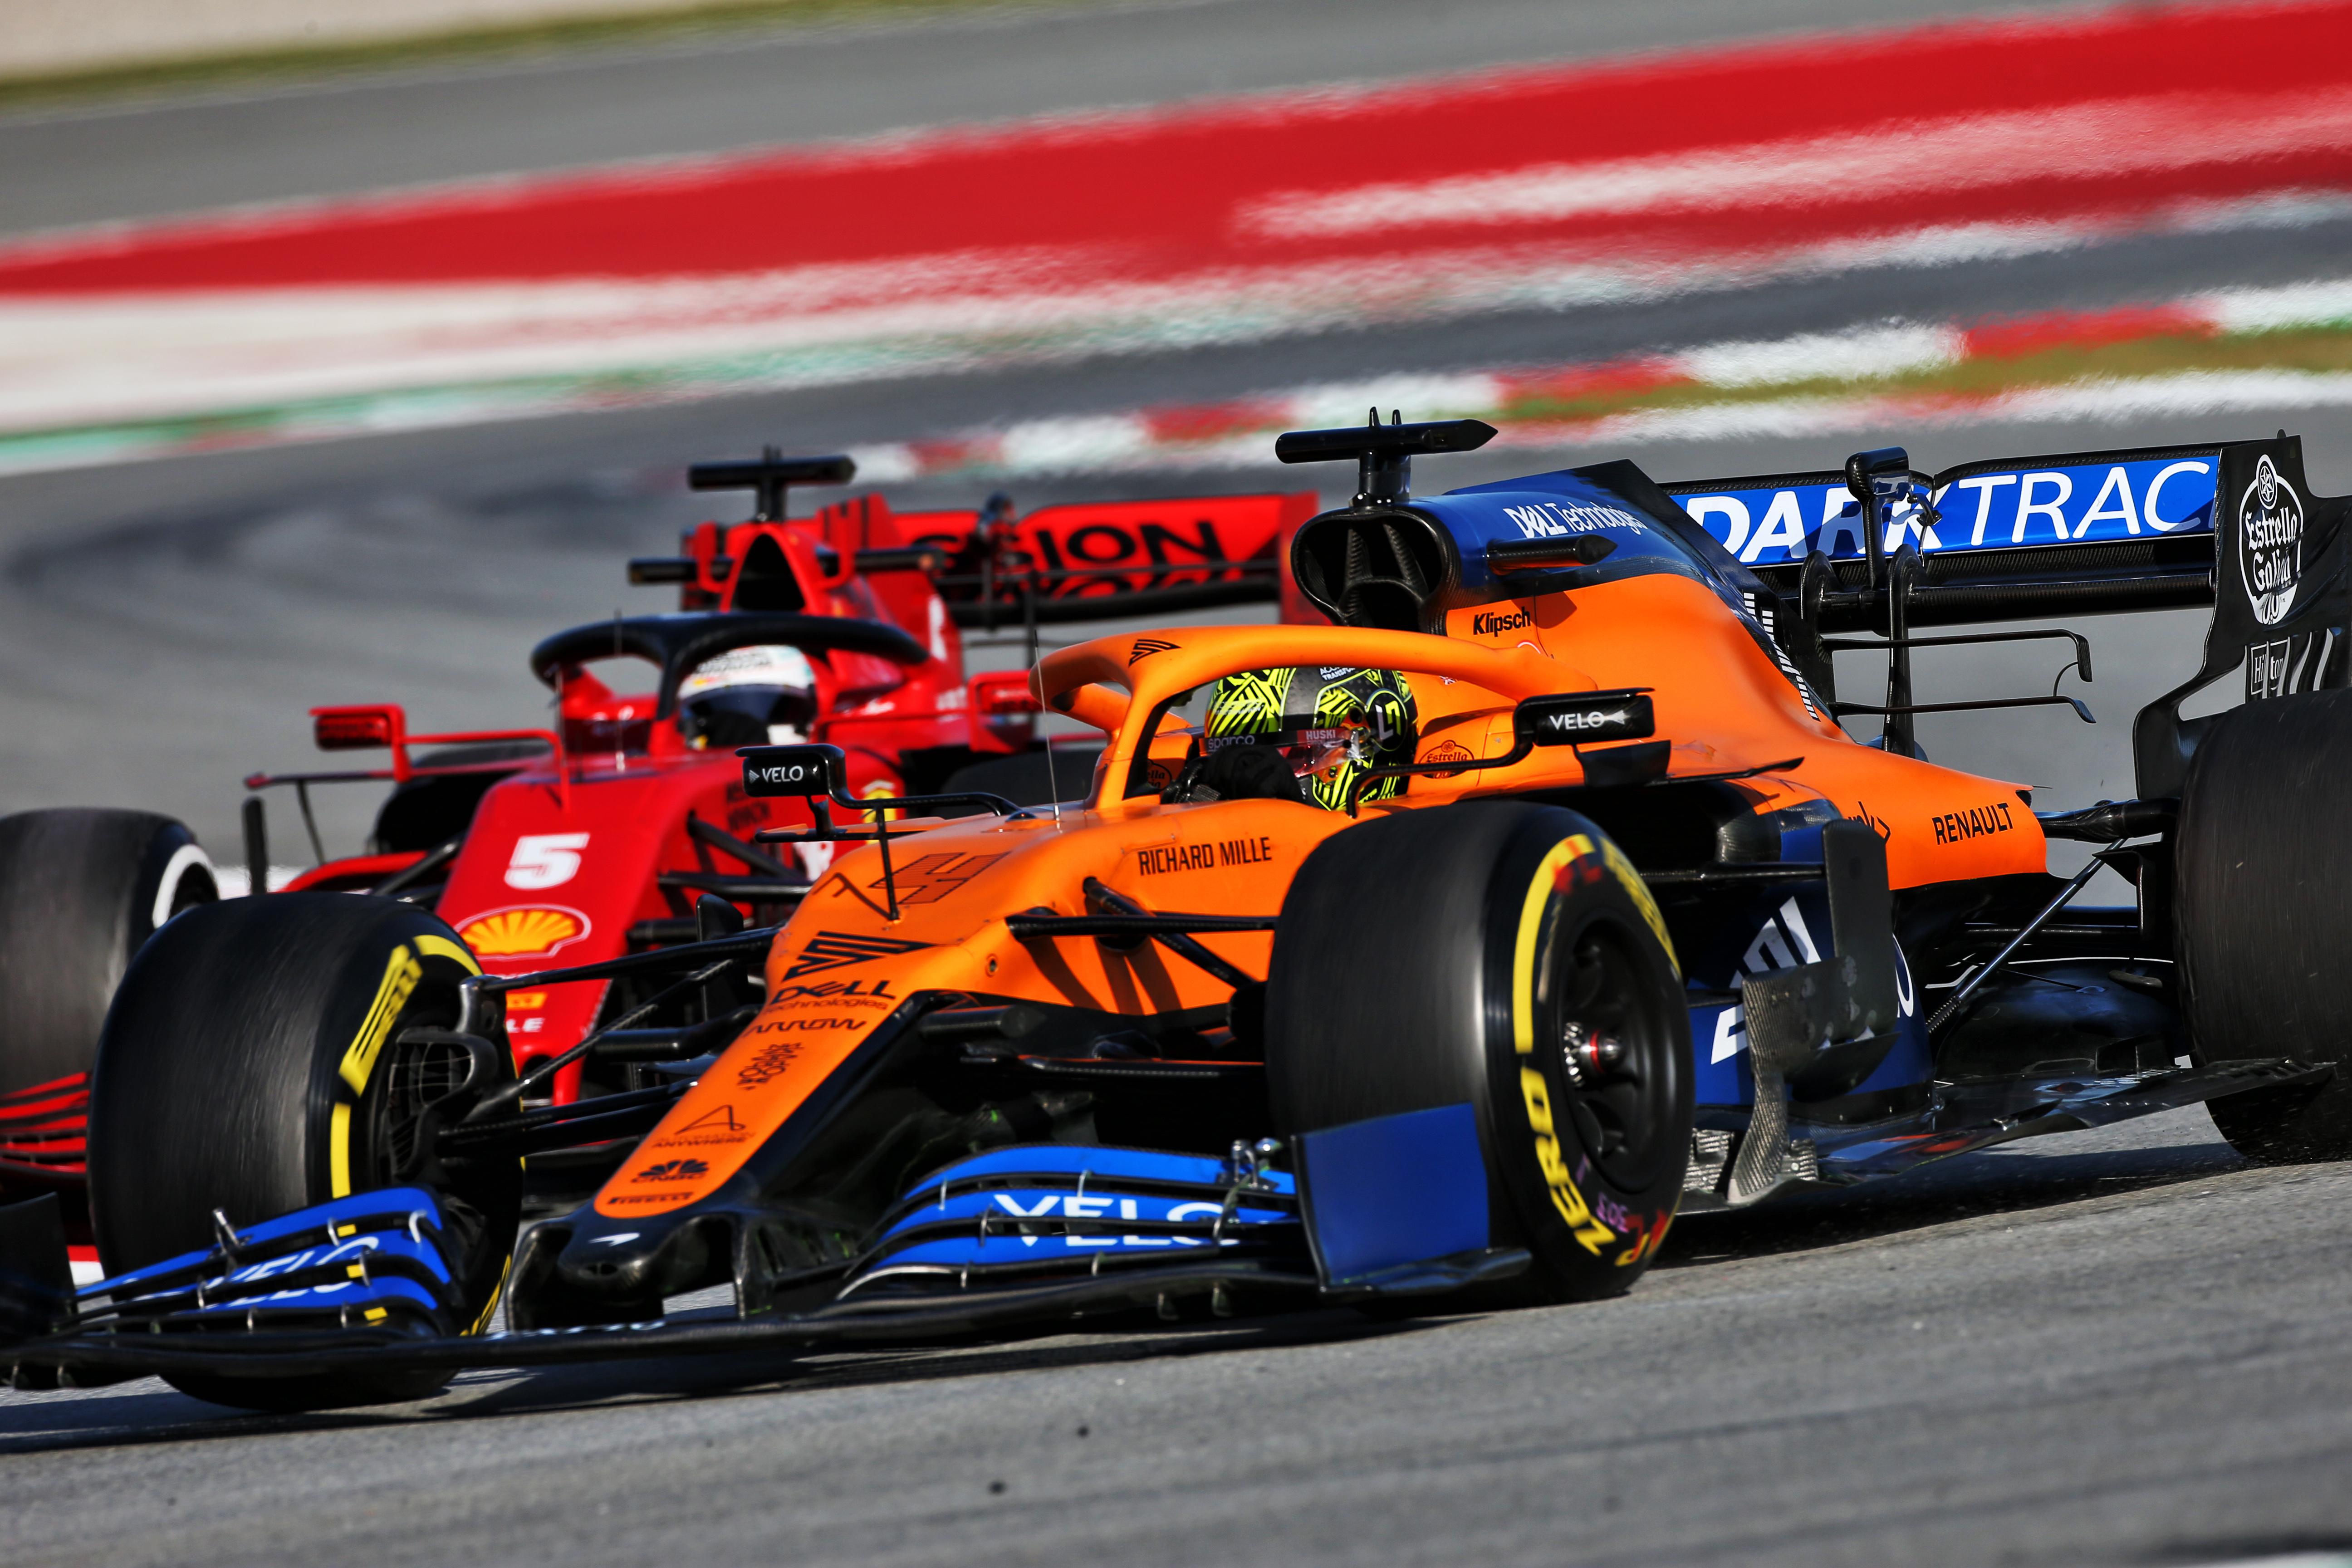 Sebastian Vettel Lando Norris McLaren Ferrari F1 2020